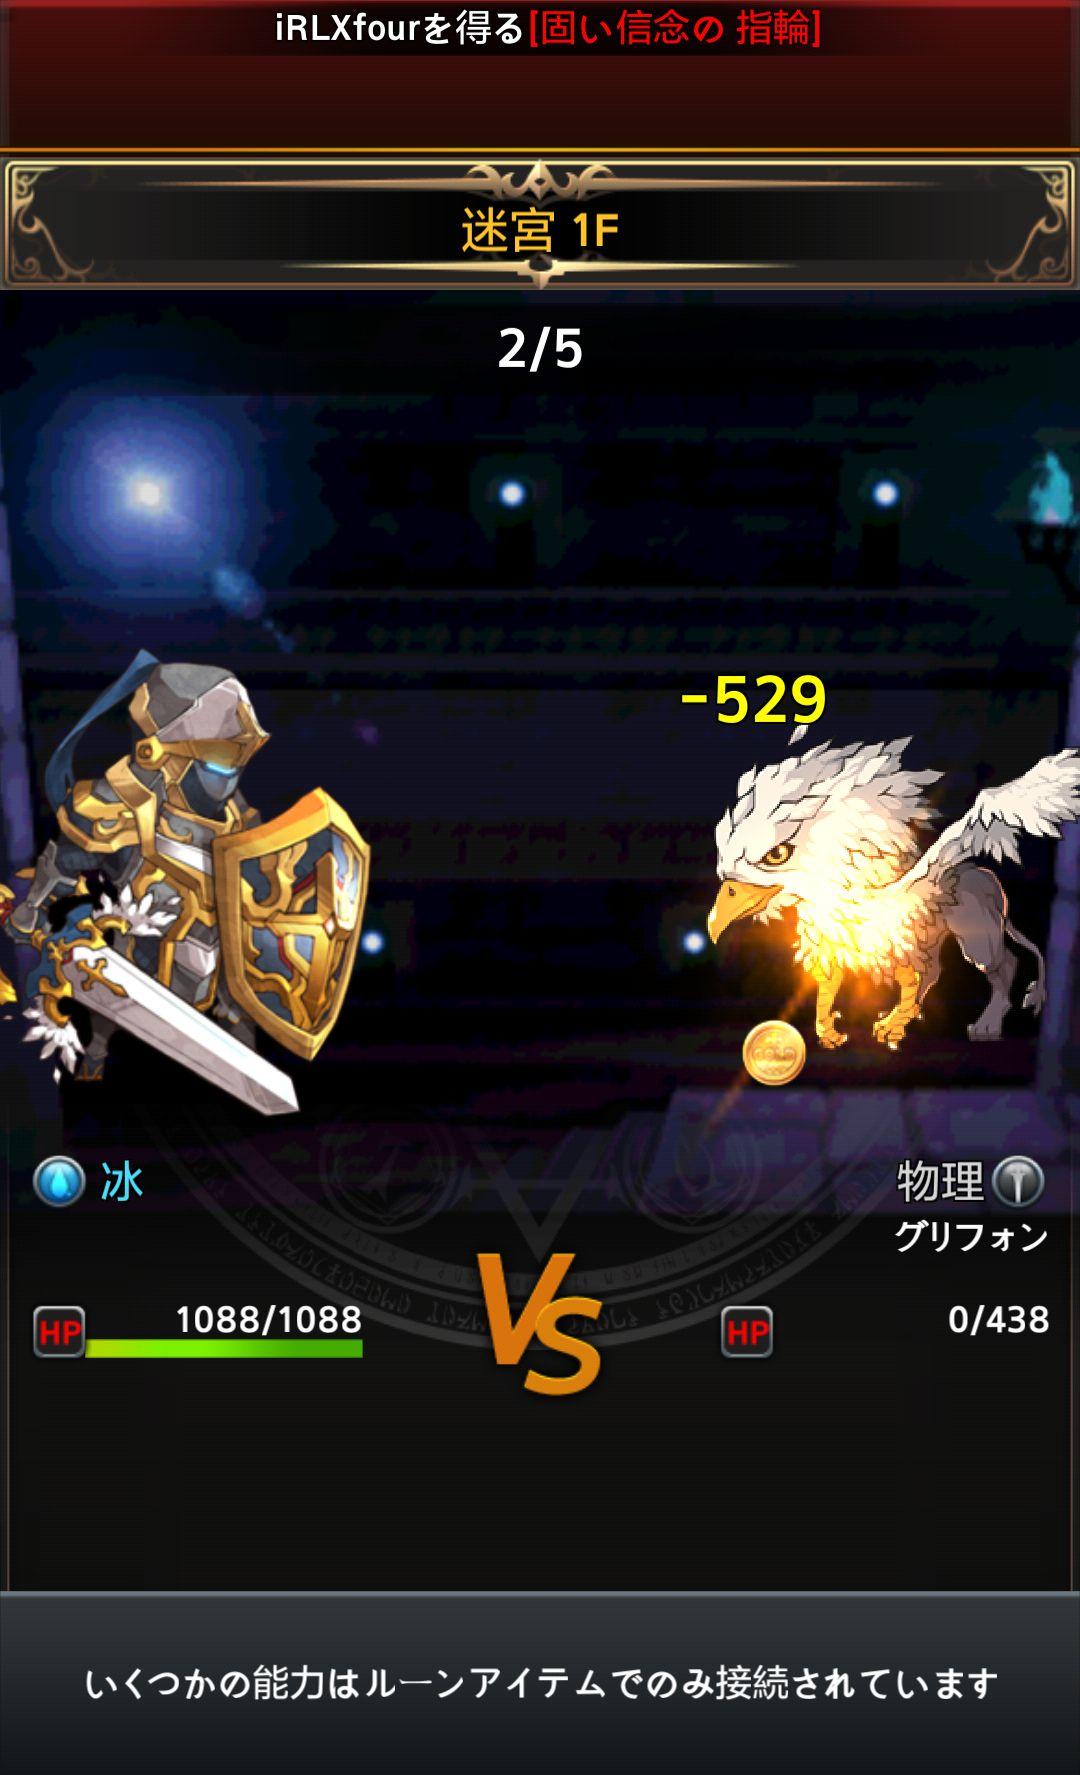 ドラゴンと迷宮 androidアプリスクリーンショット3